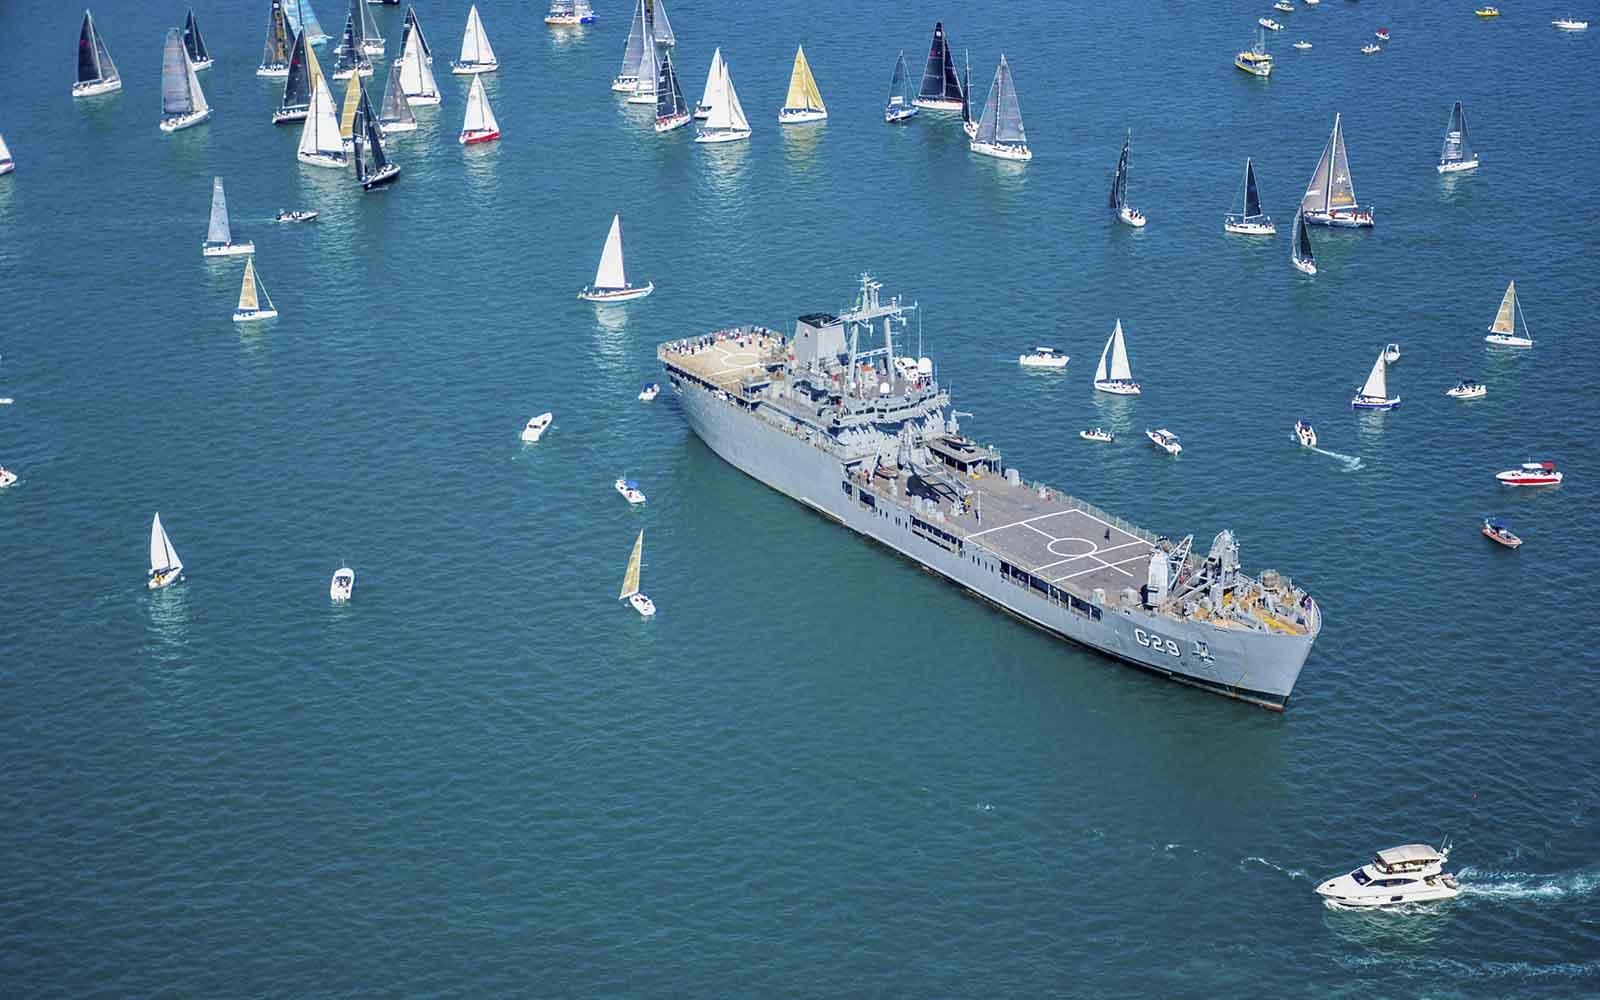 marinha semana de vela de ilhabela - boat shopping